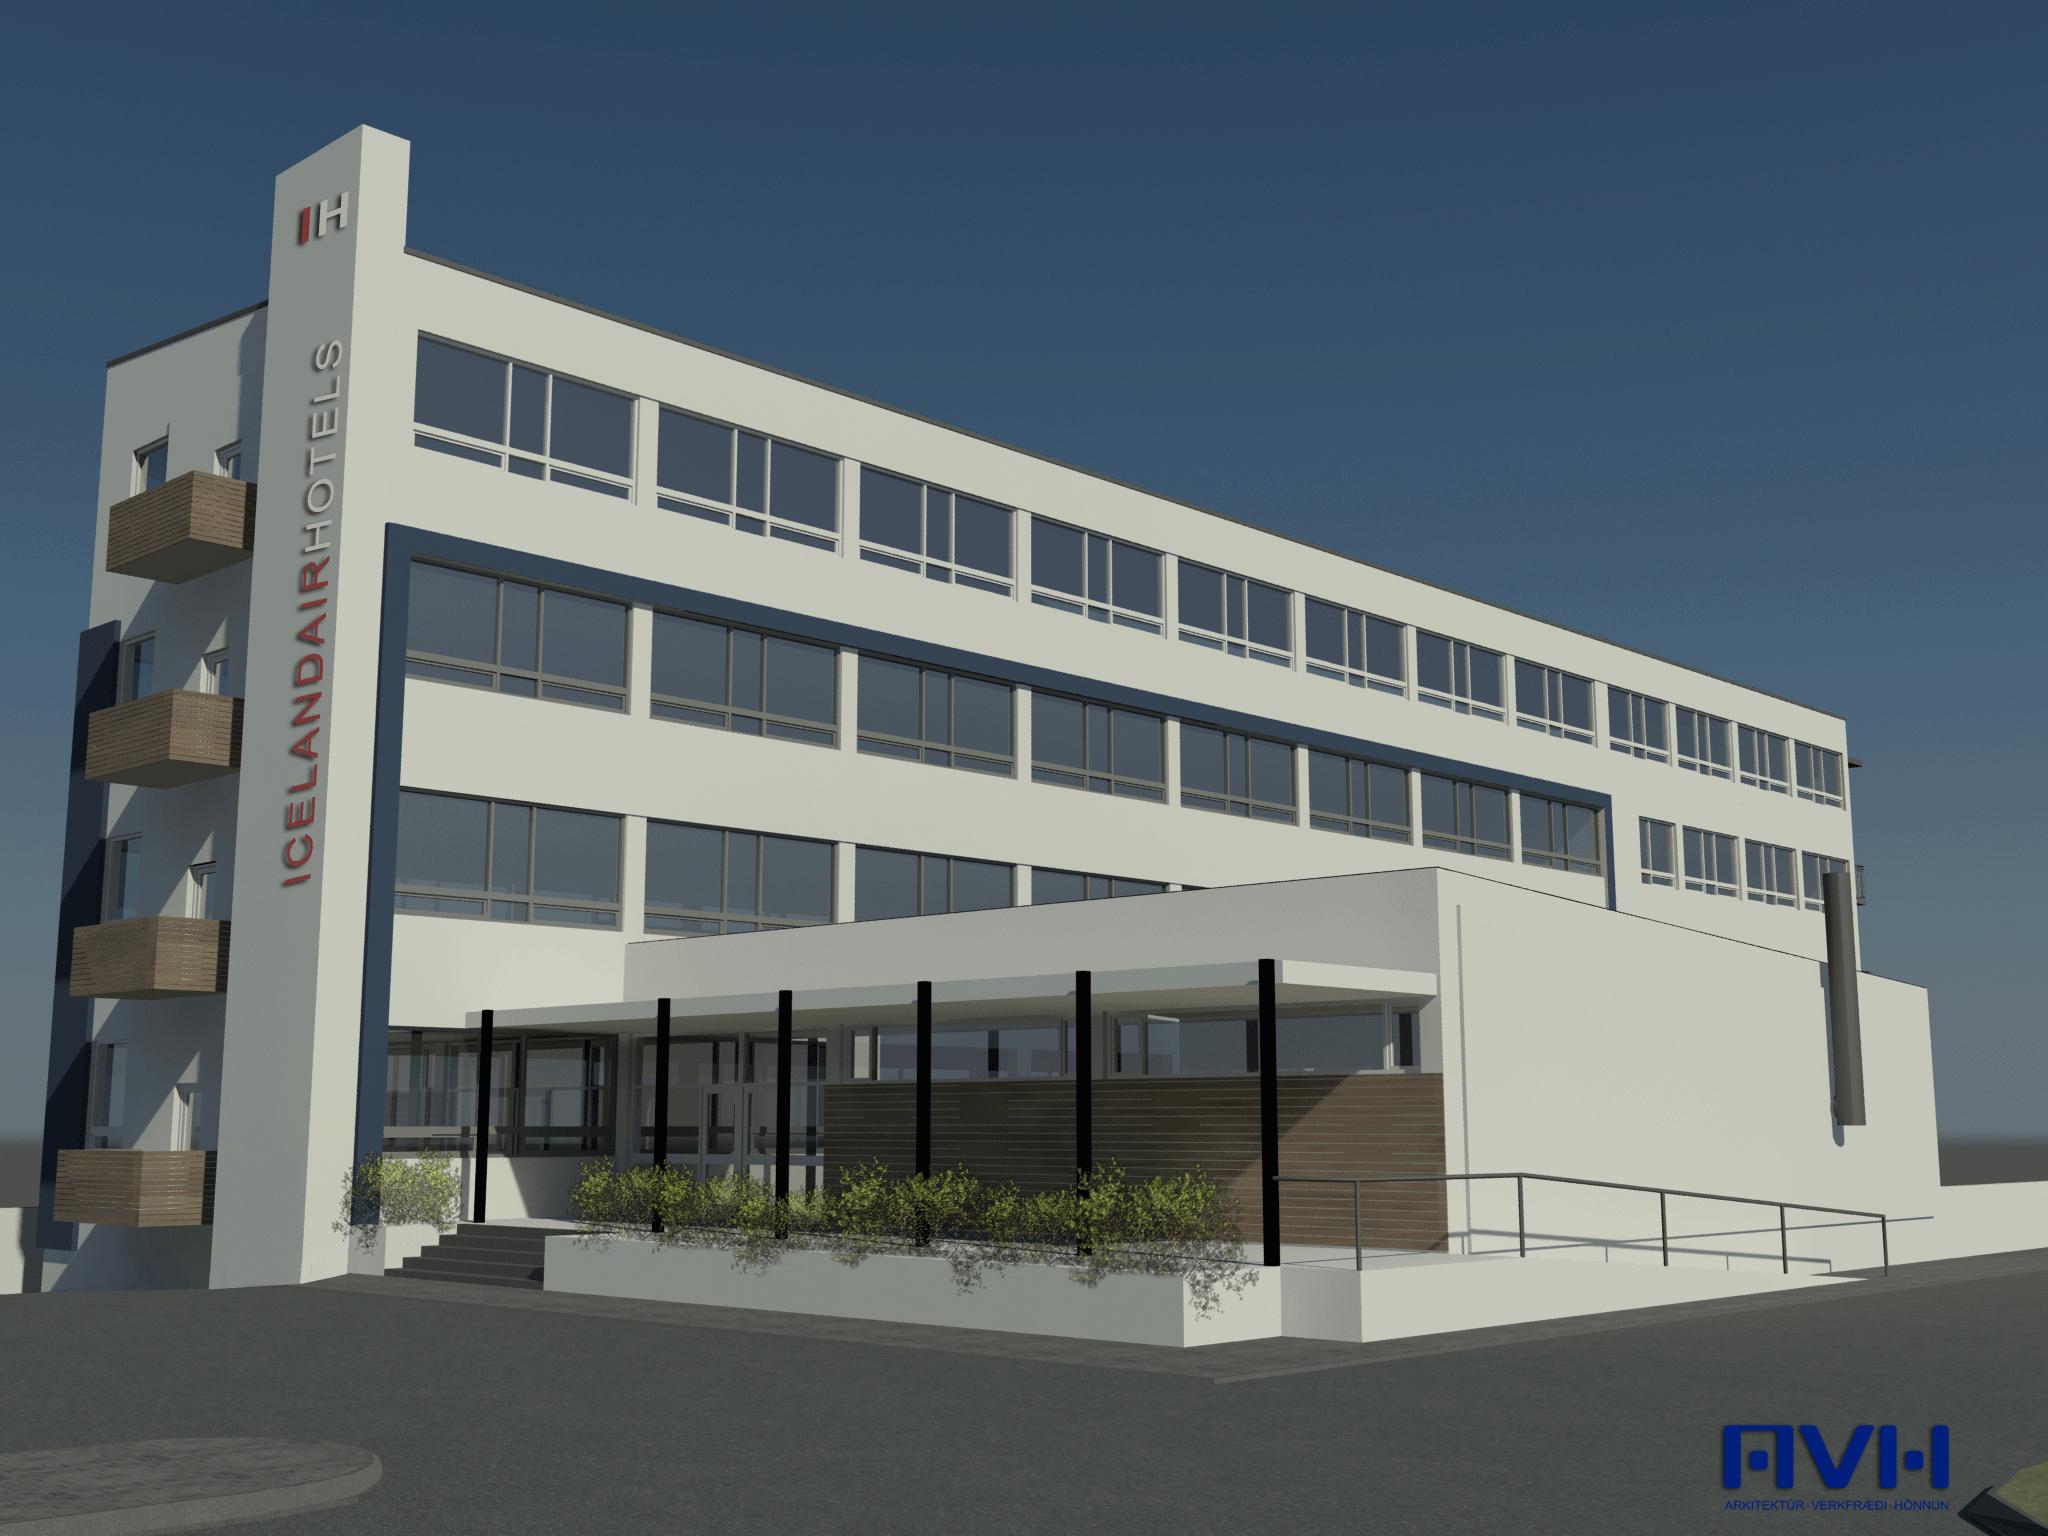 Icelandairhotel